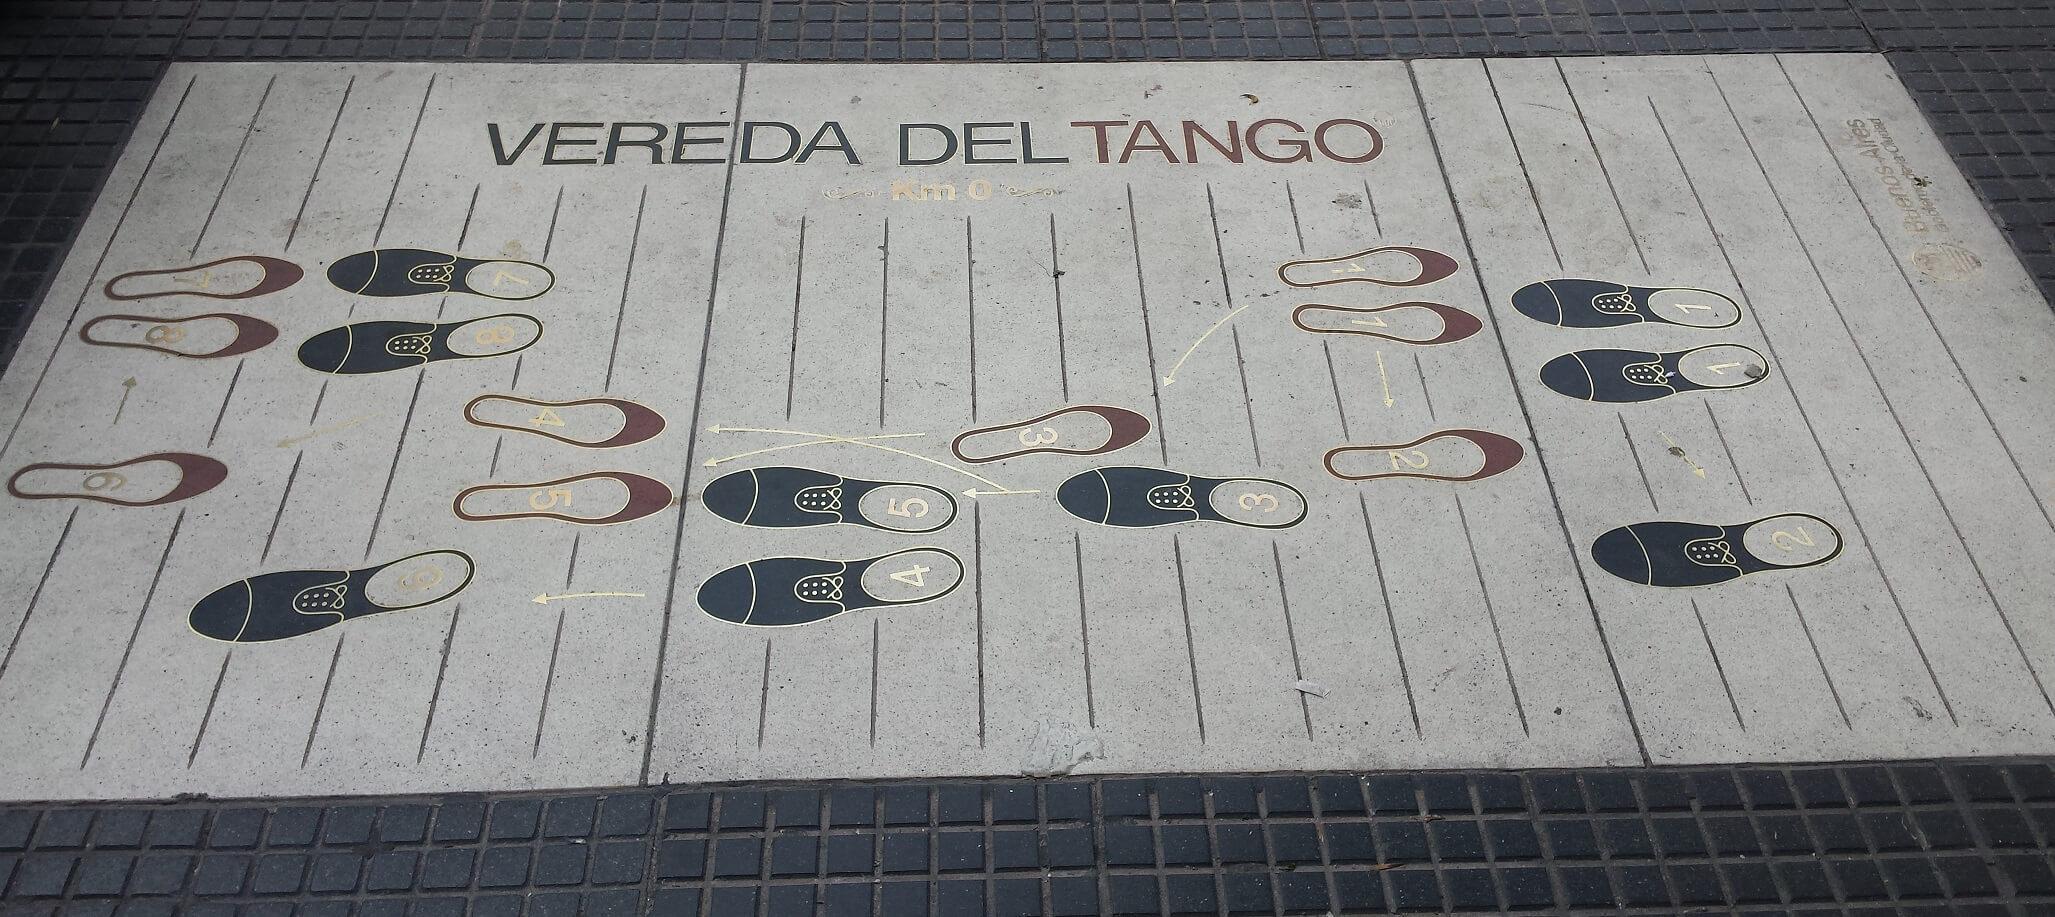 tango redimensionnée